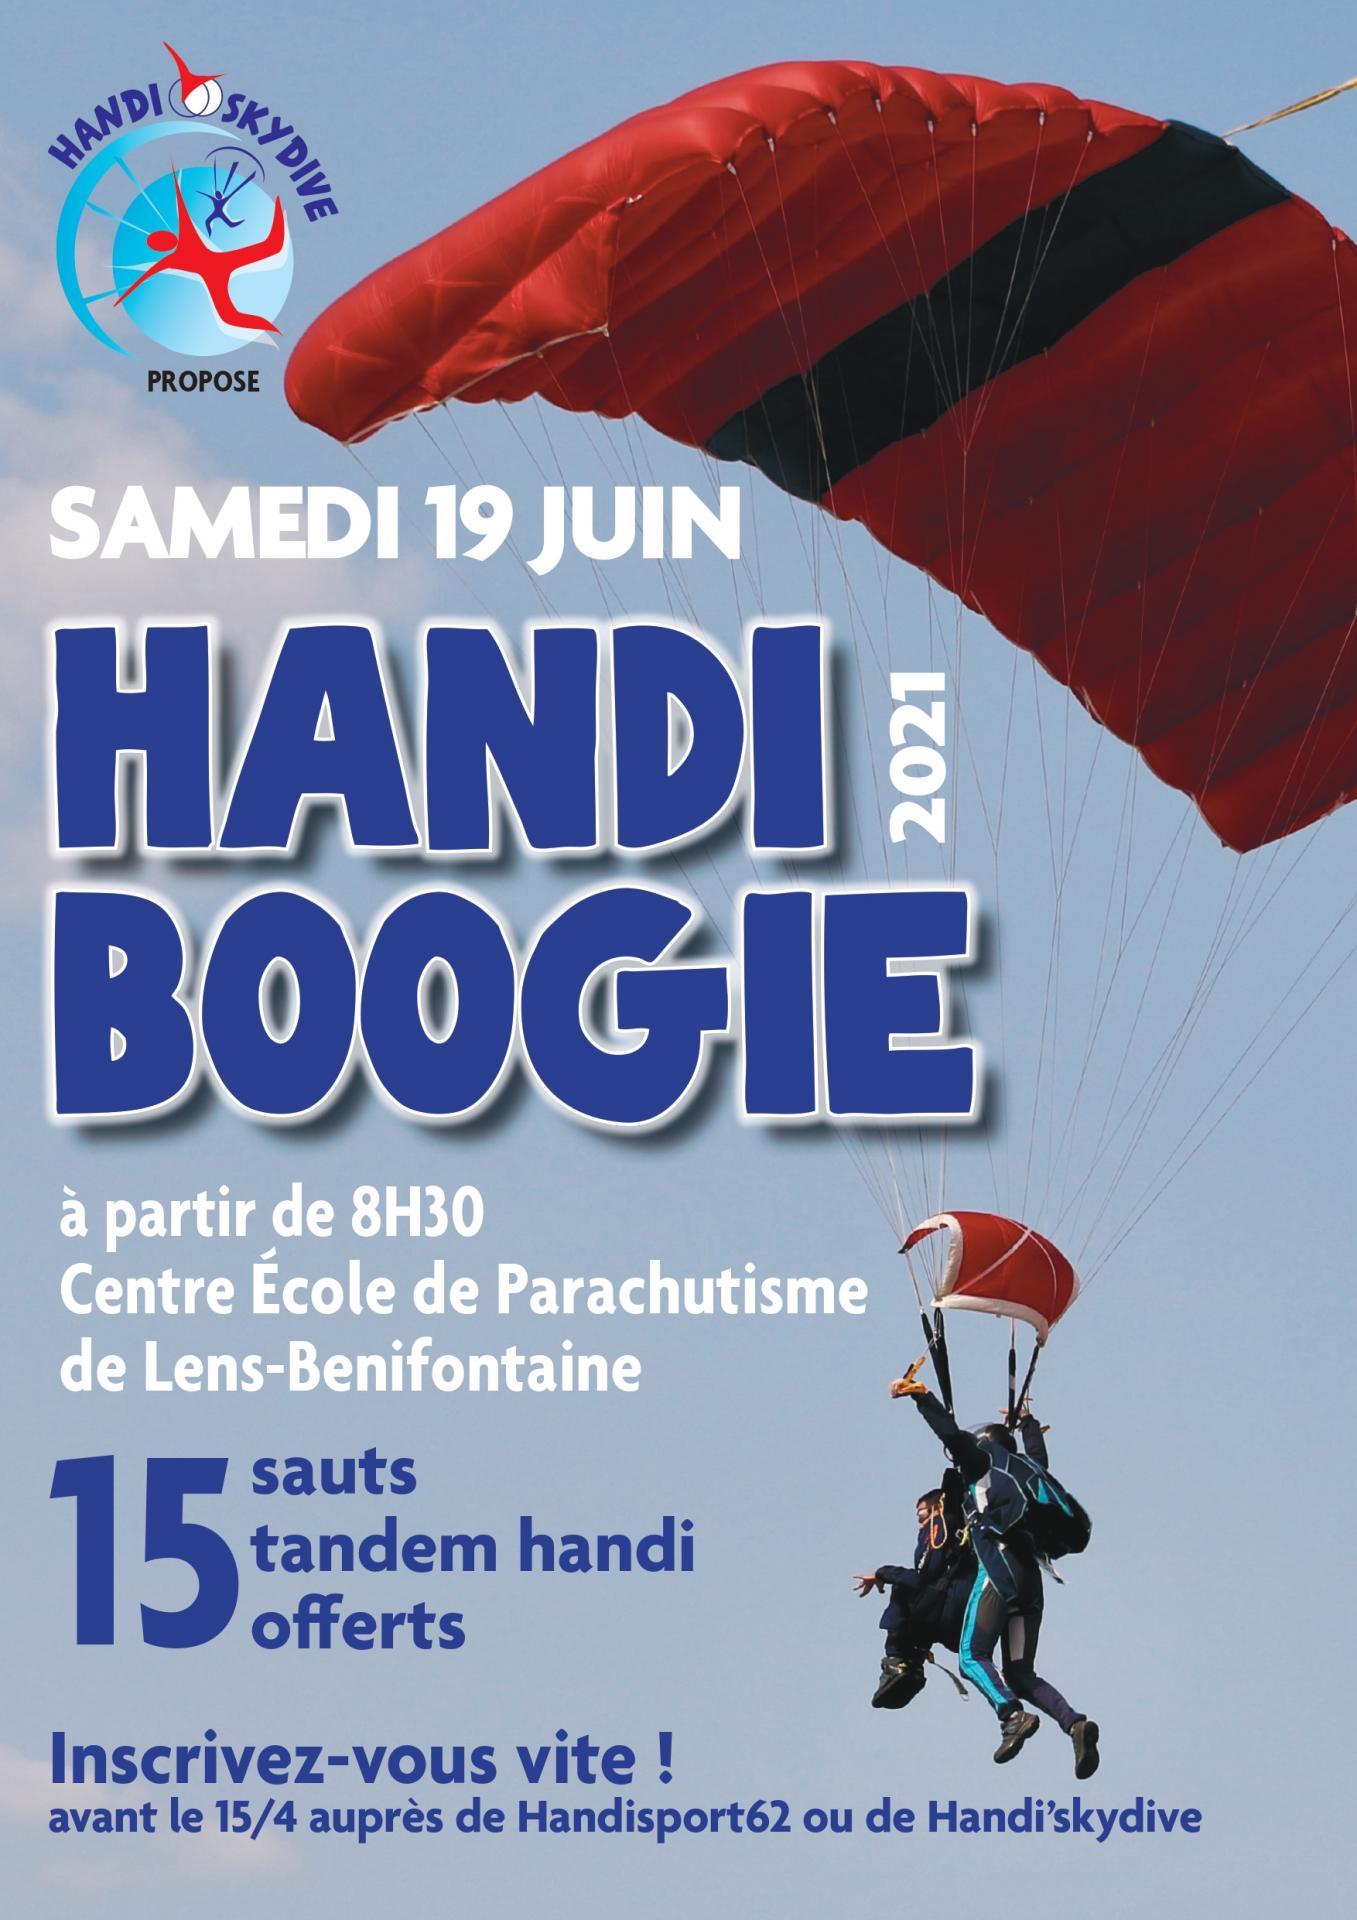 Affiche parachute page 0001